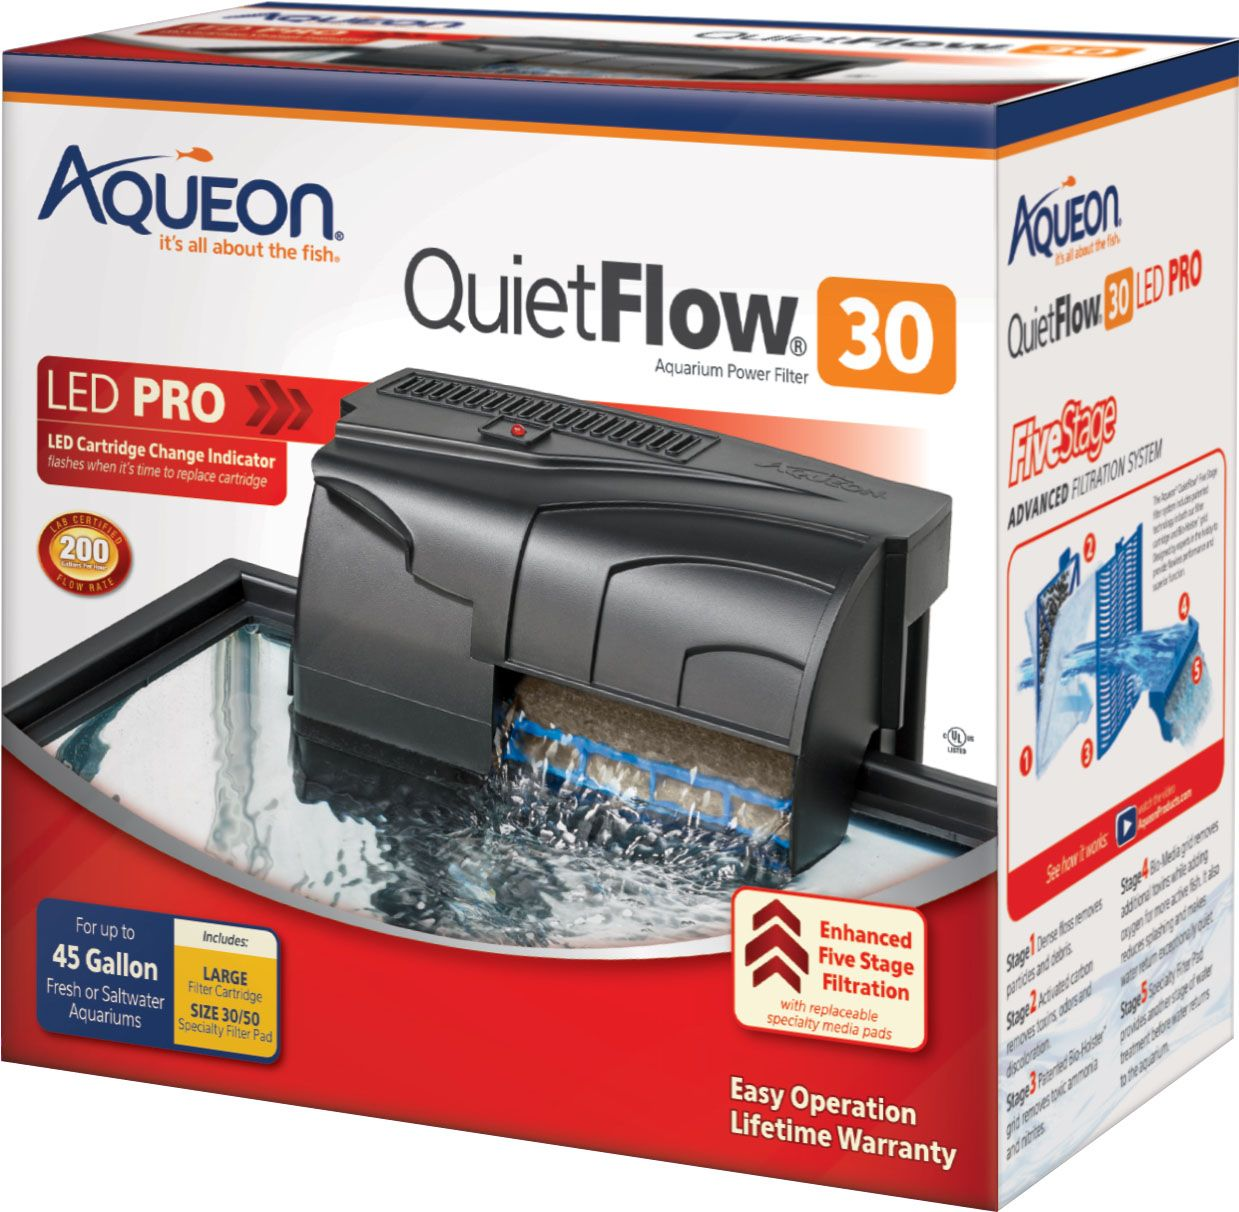 Fish Aqueon Quietflow 30 Filter By Aqueon 3045gal/200gph